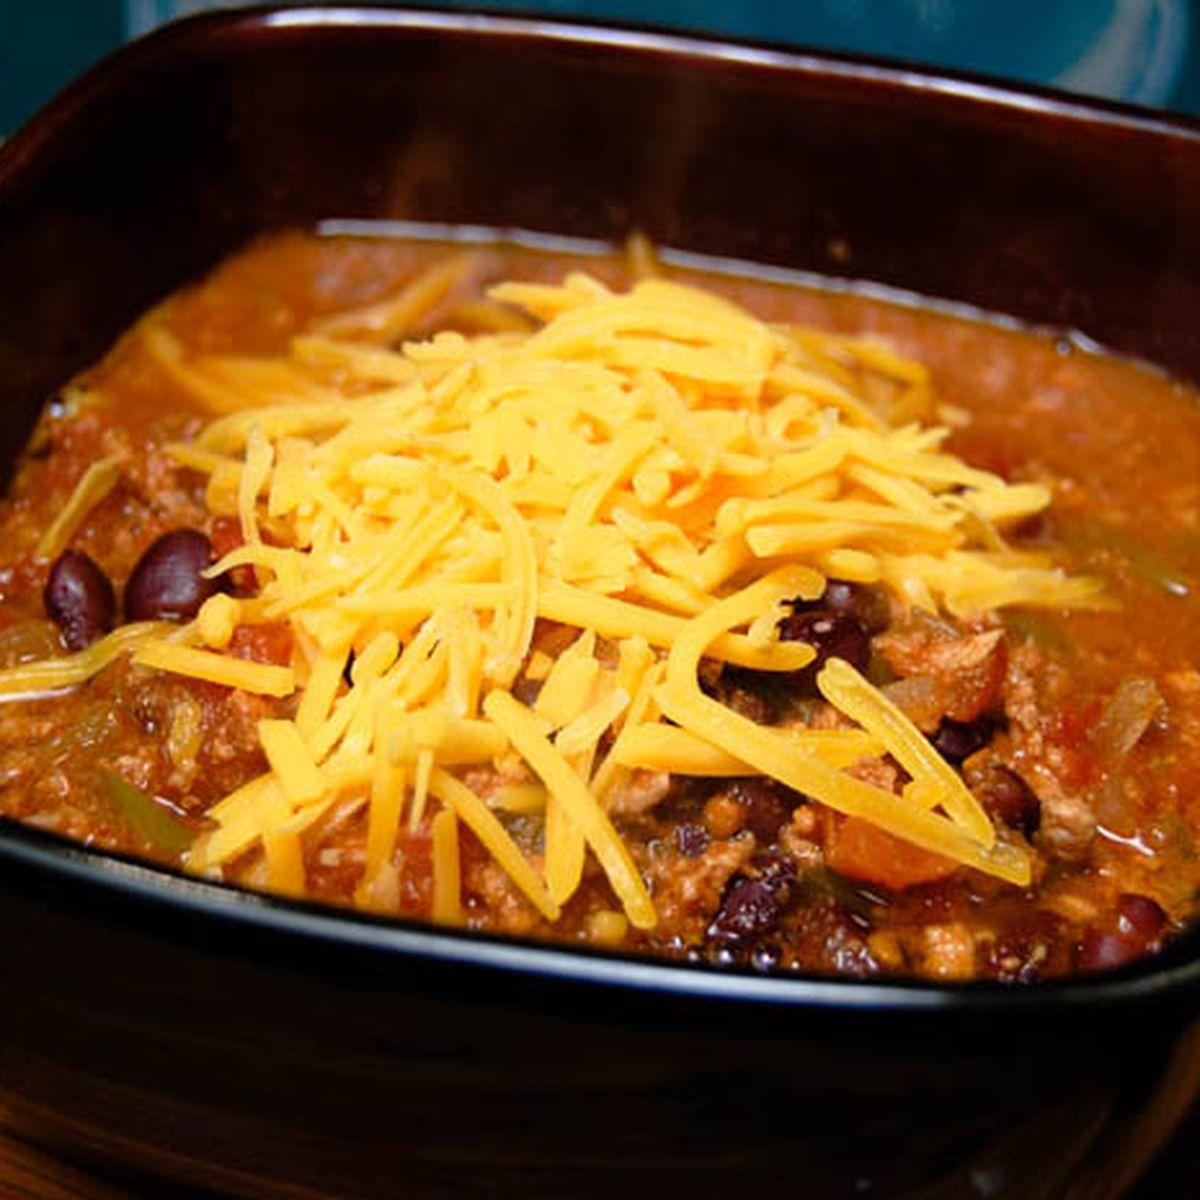 Chili Con Carne Recipe On Food52